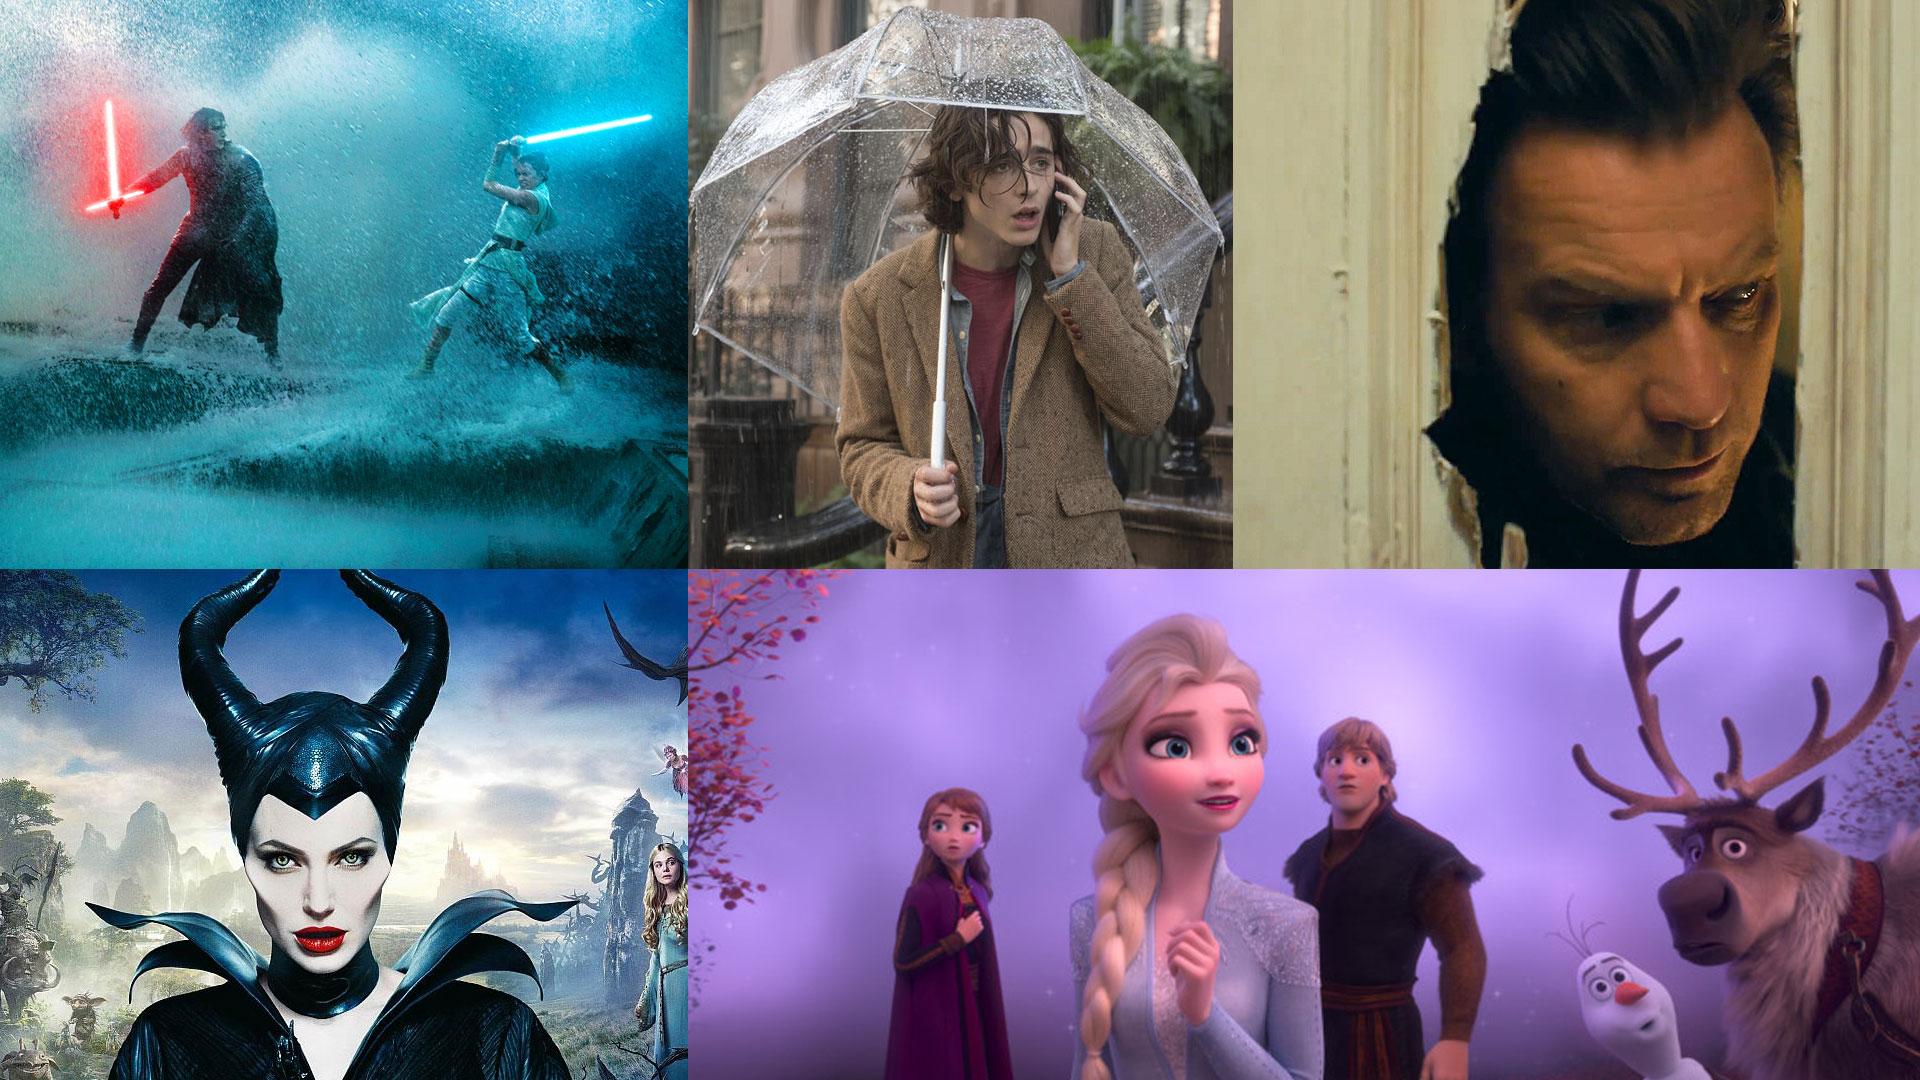 Os 10 melhores filmes que ainda vão estrear este ano